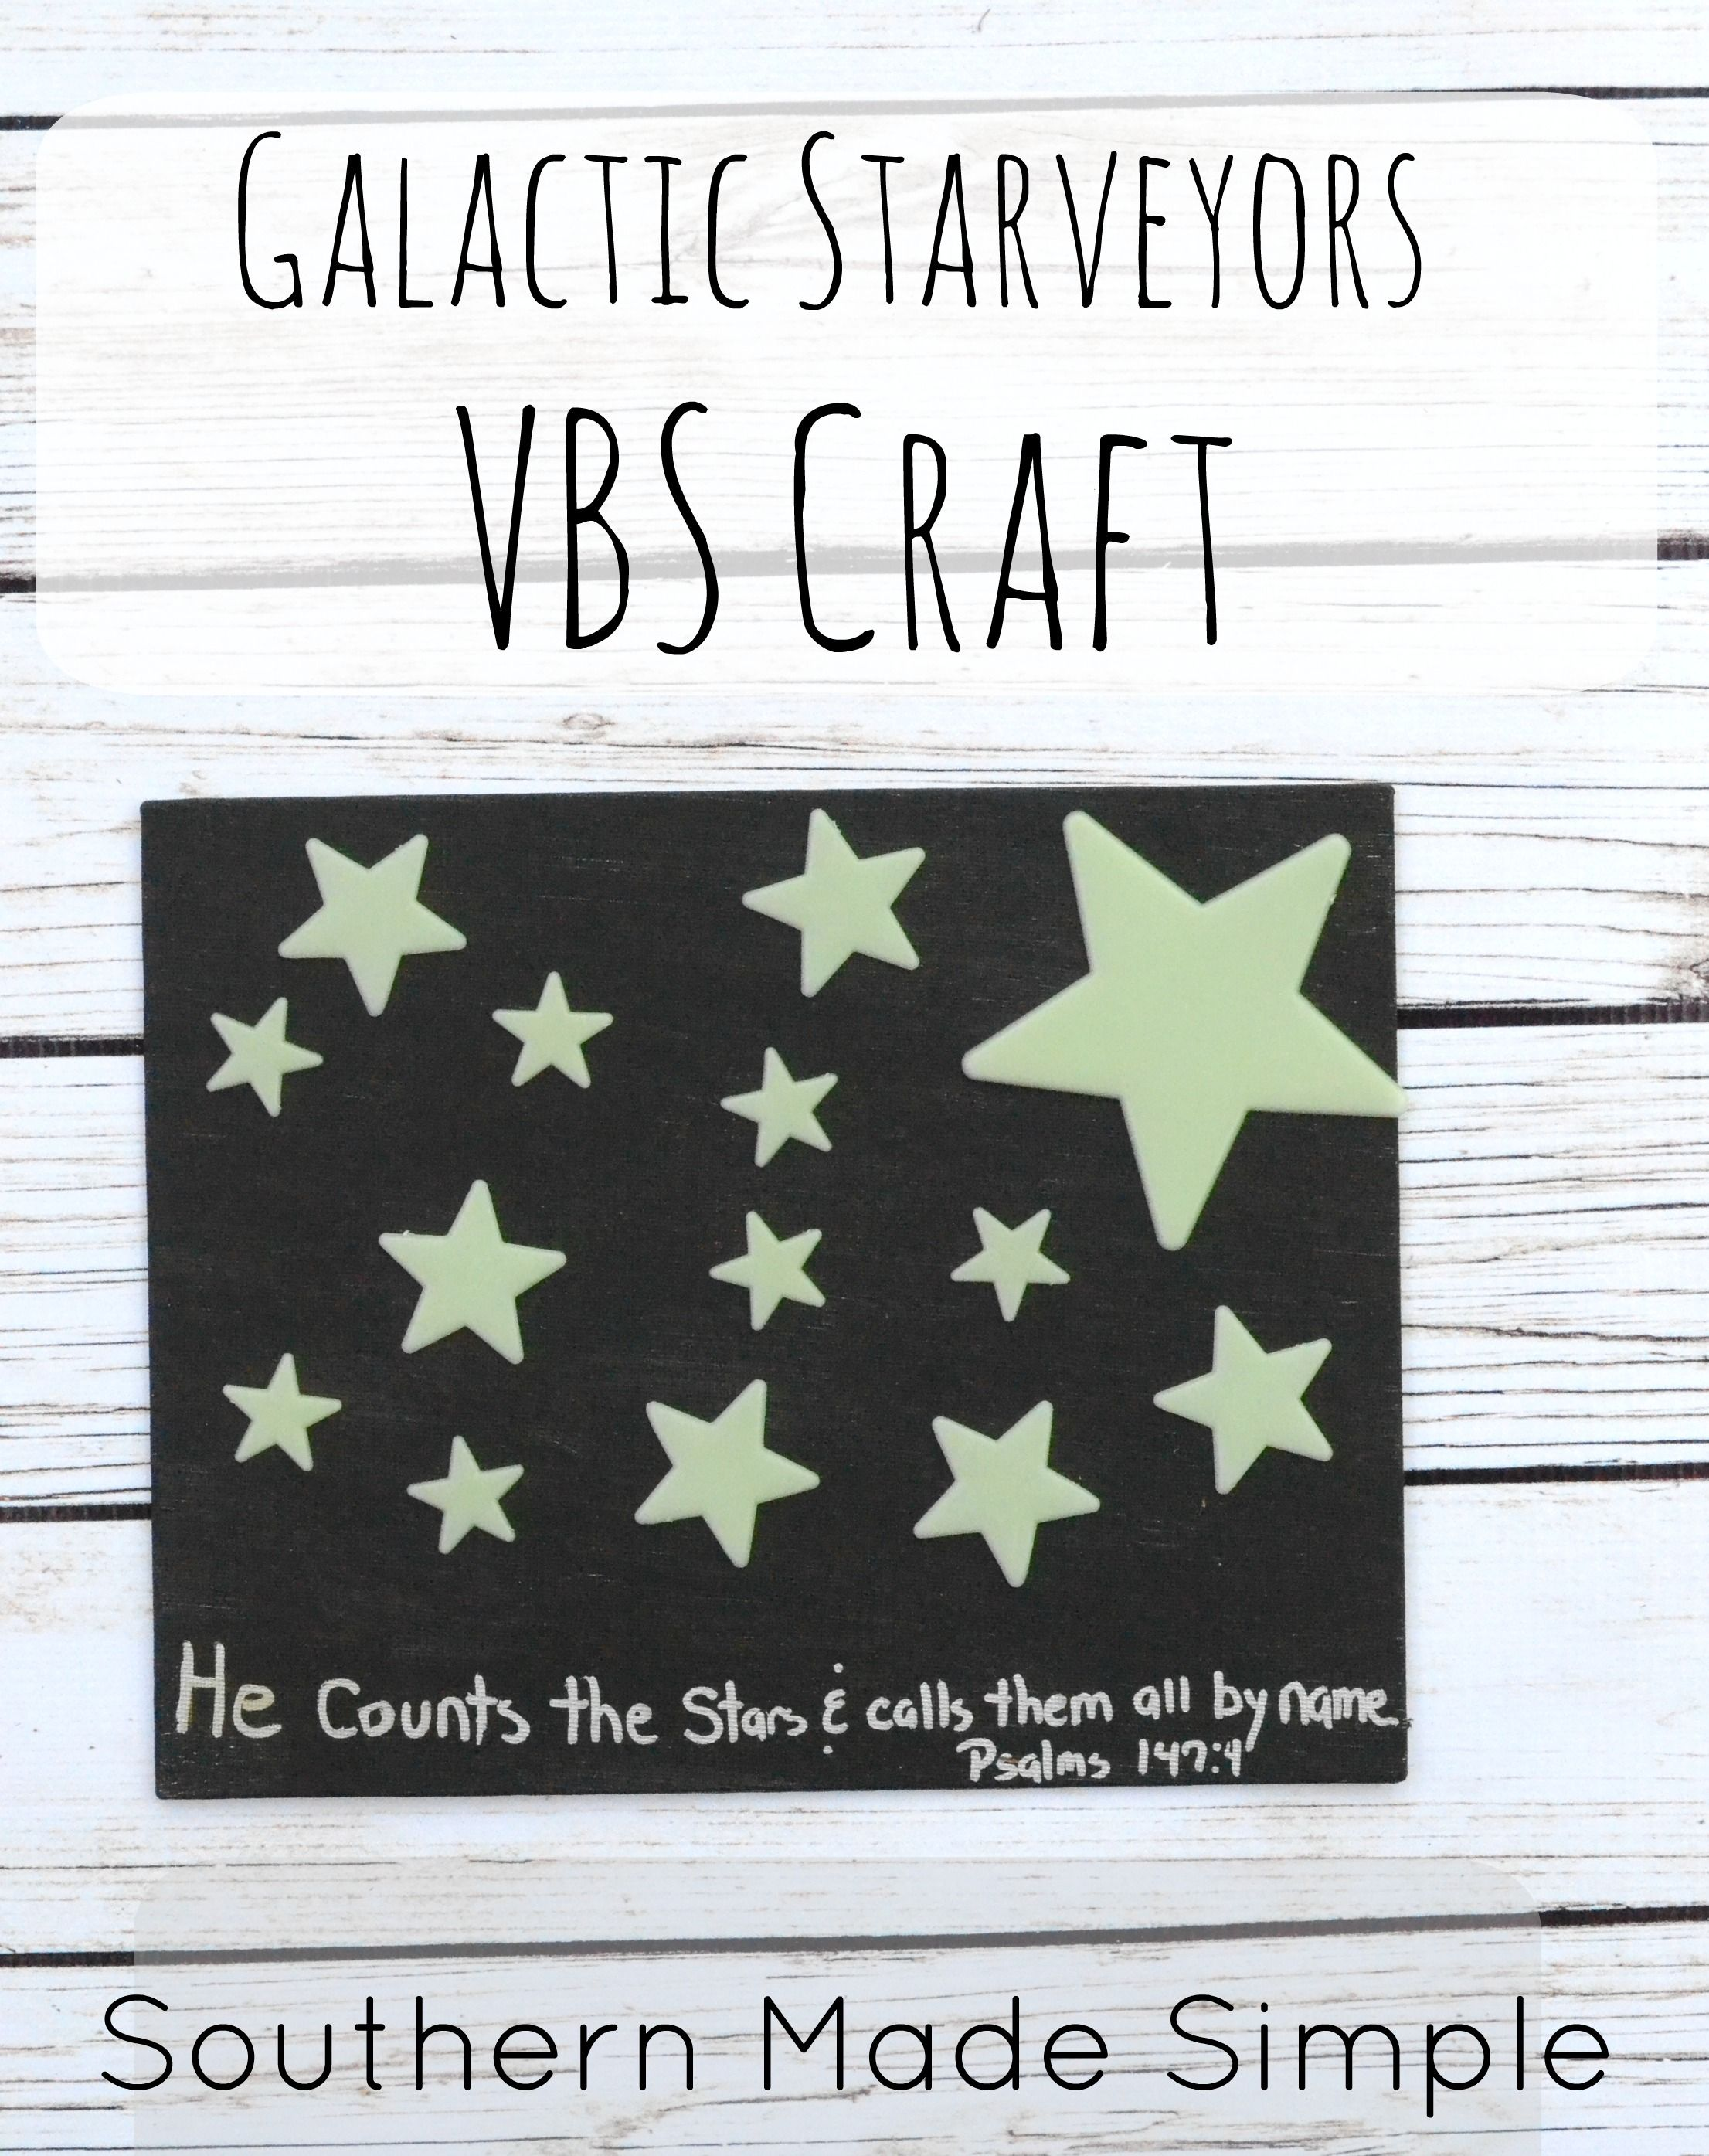 Easy Vbs Galactic Starveyors Craft Idea